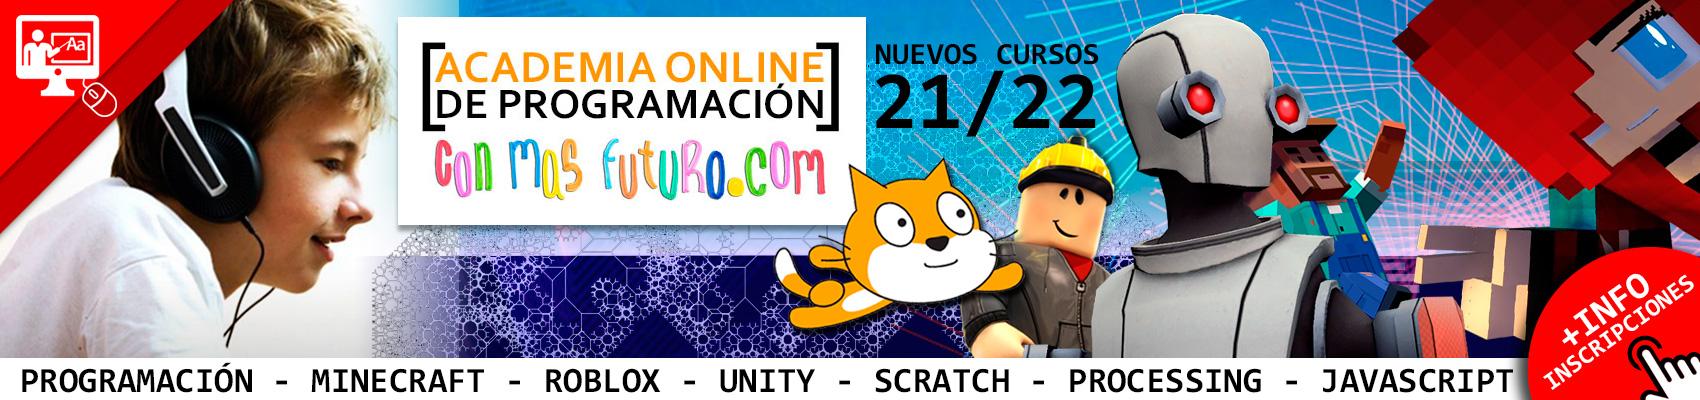 Academia Online de Programación Conmafuturo.com 21-22